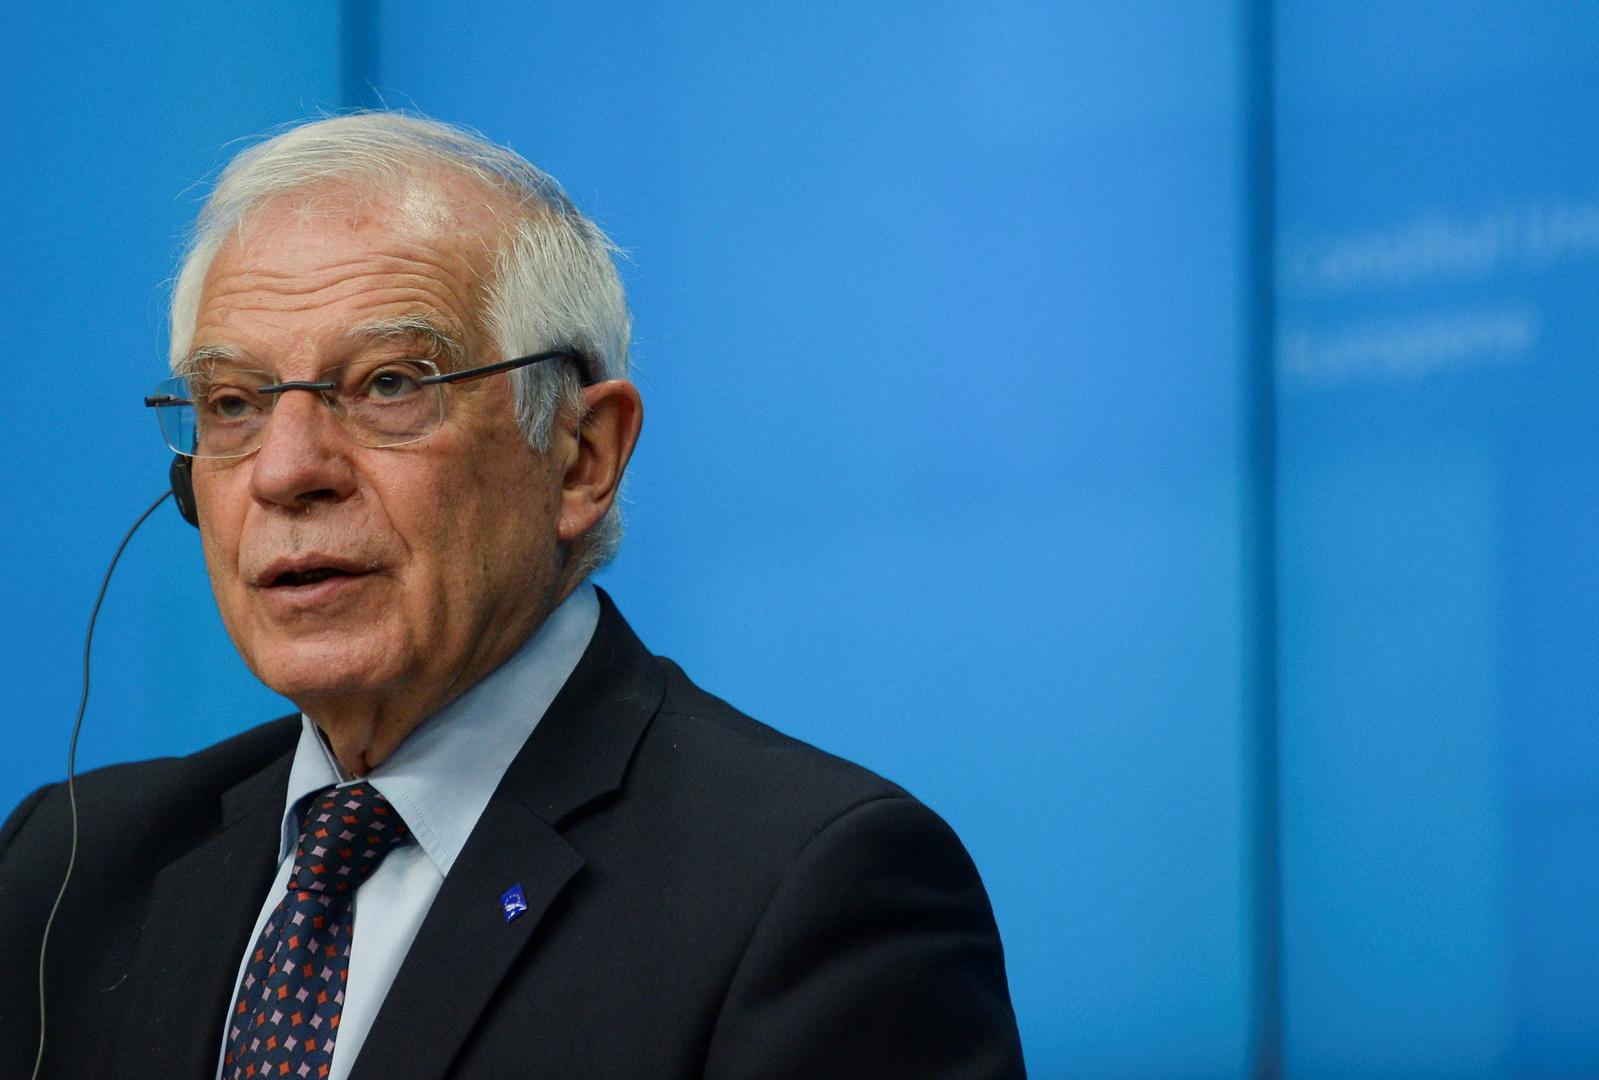 بوريل: نريد عودة إيران للاتفاق النووي ورفع العقوبات الأمريكية عنها